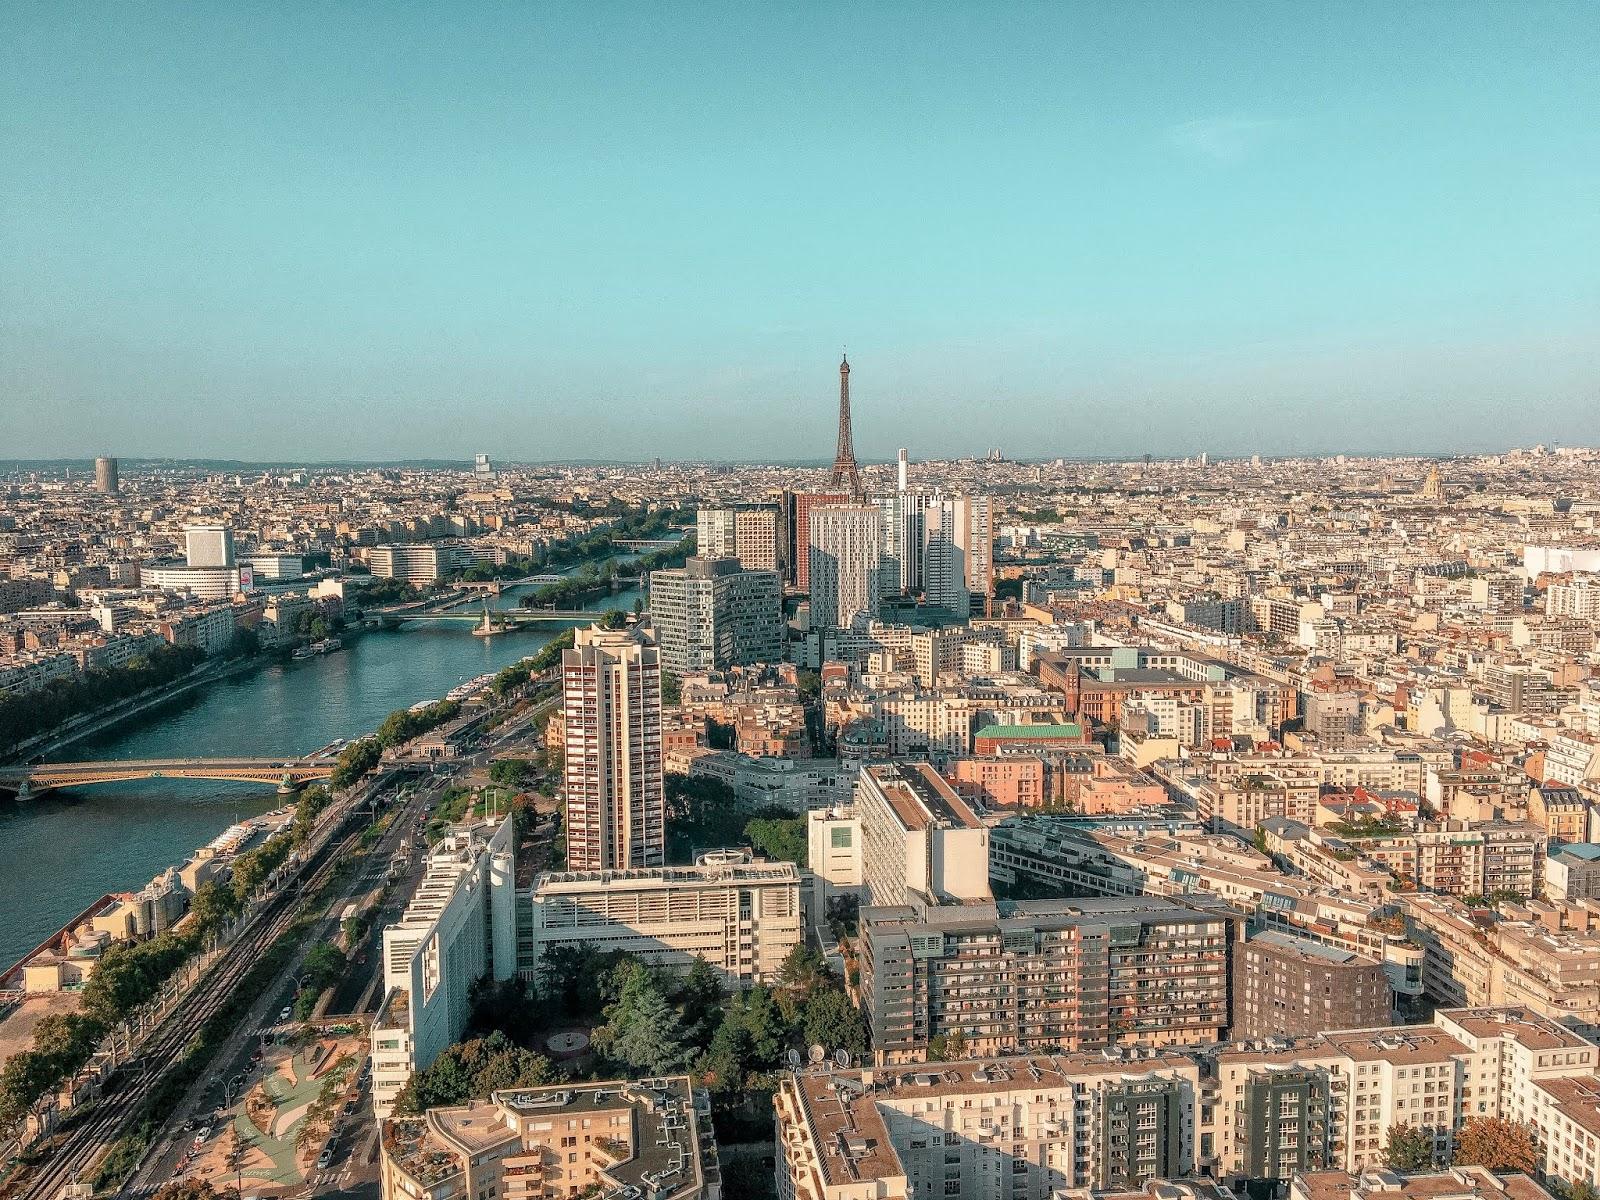 My Travel Background : au revoir Paris - Tour Eiffel, ballon generalis